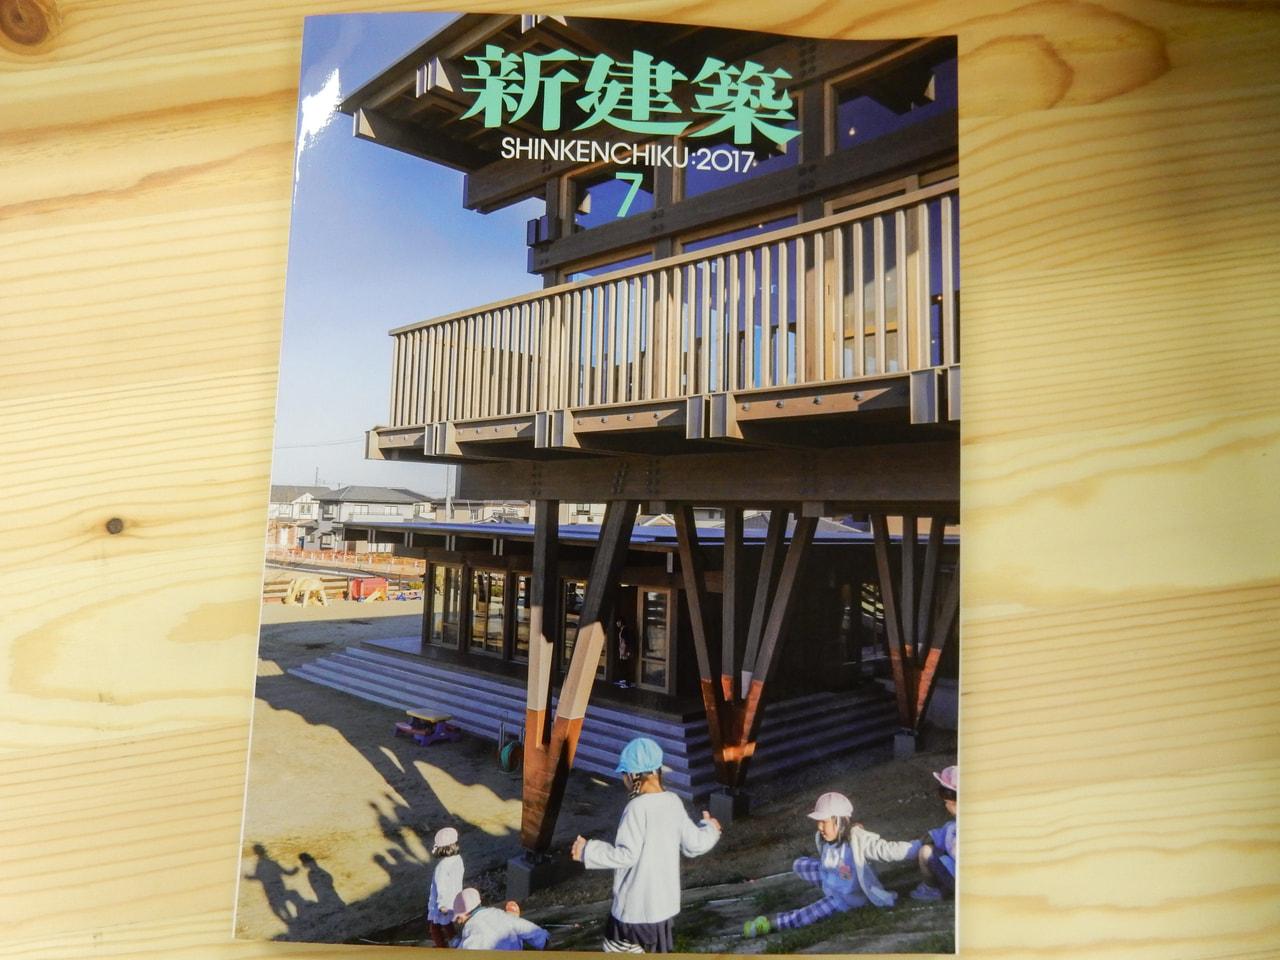 竹原先生が設計された「認定こども園 日吉幼稚園」が「新建築2017 7月号」に掲載されました